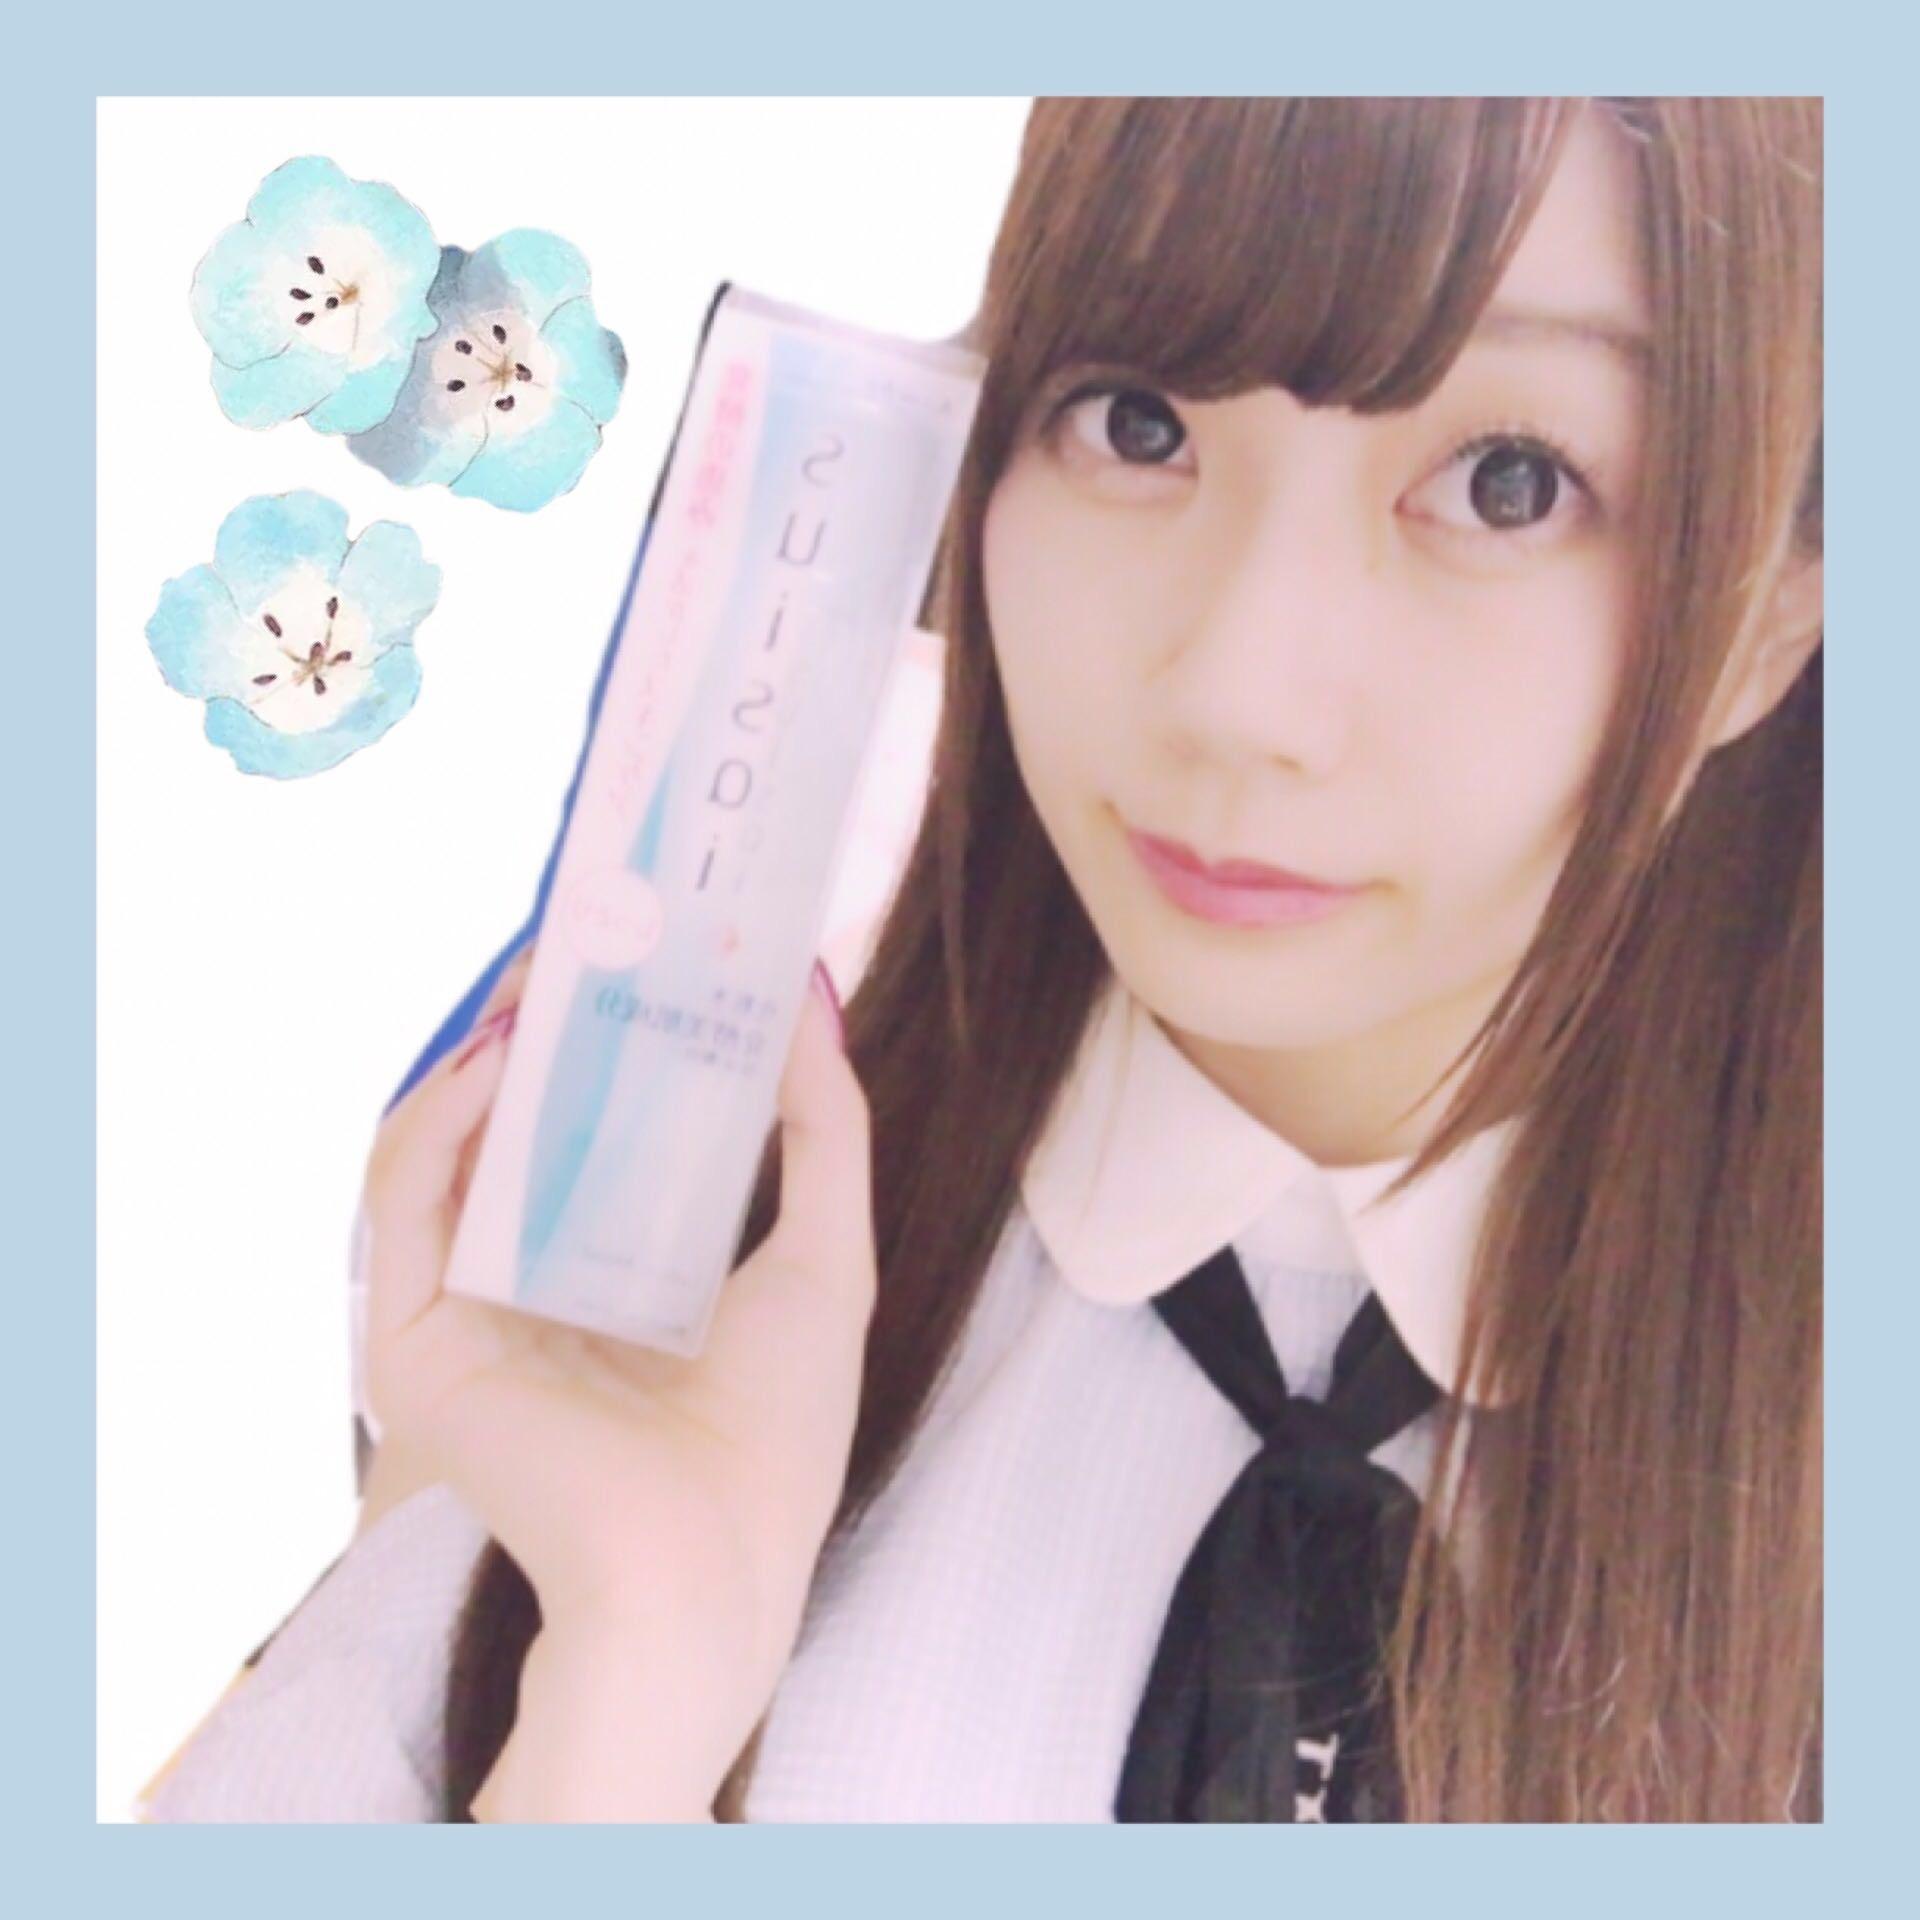 『 カネボウ suisai ローション&酵素洗顔パウダー 』2_1_1